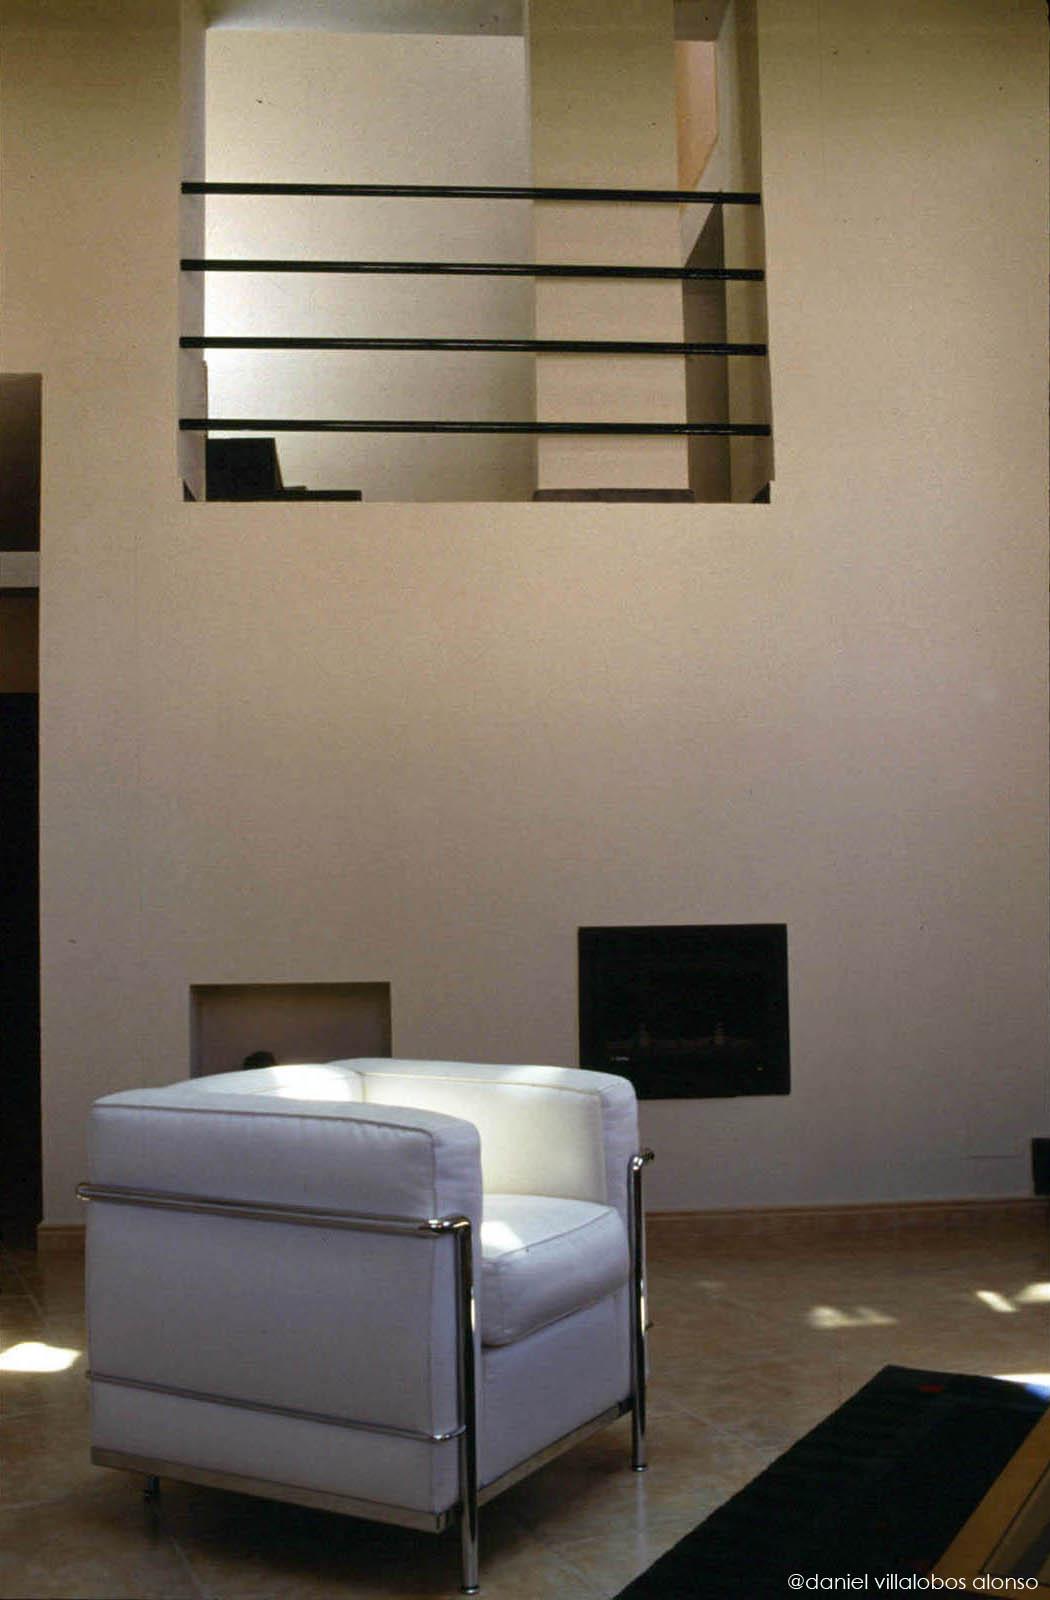 danielvillalobos-spanish-architecturexxthcentury-stonearchitecture-spanisharchitecturemodern-9